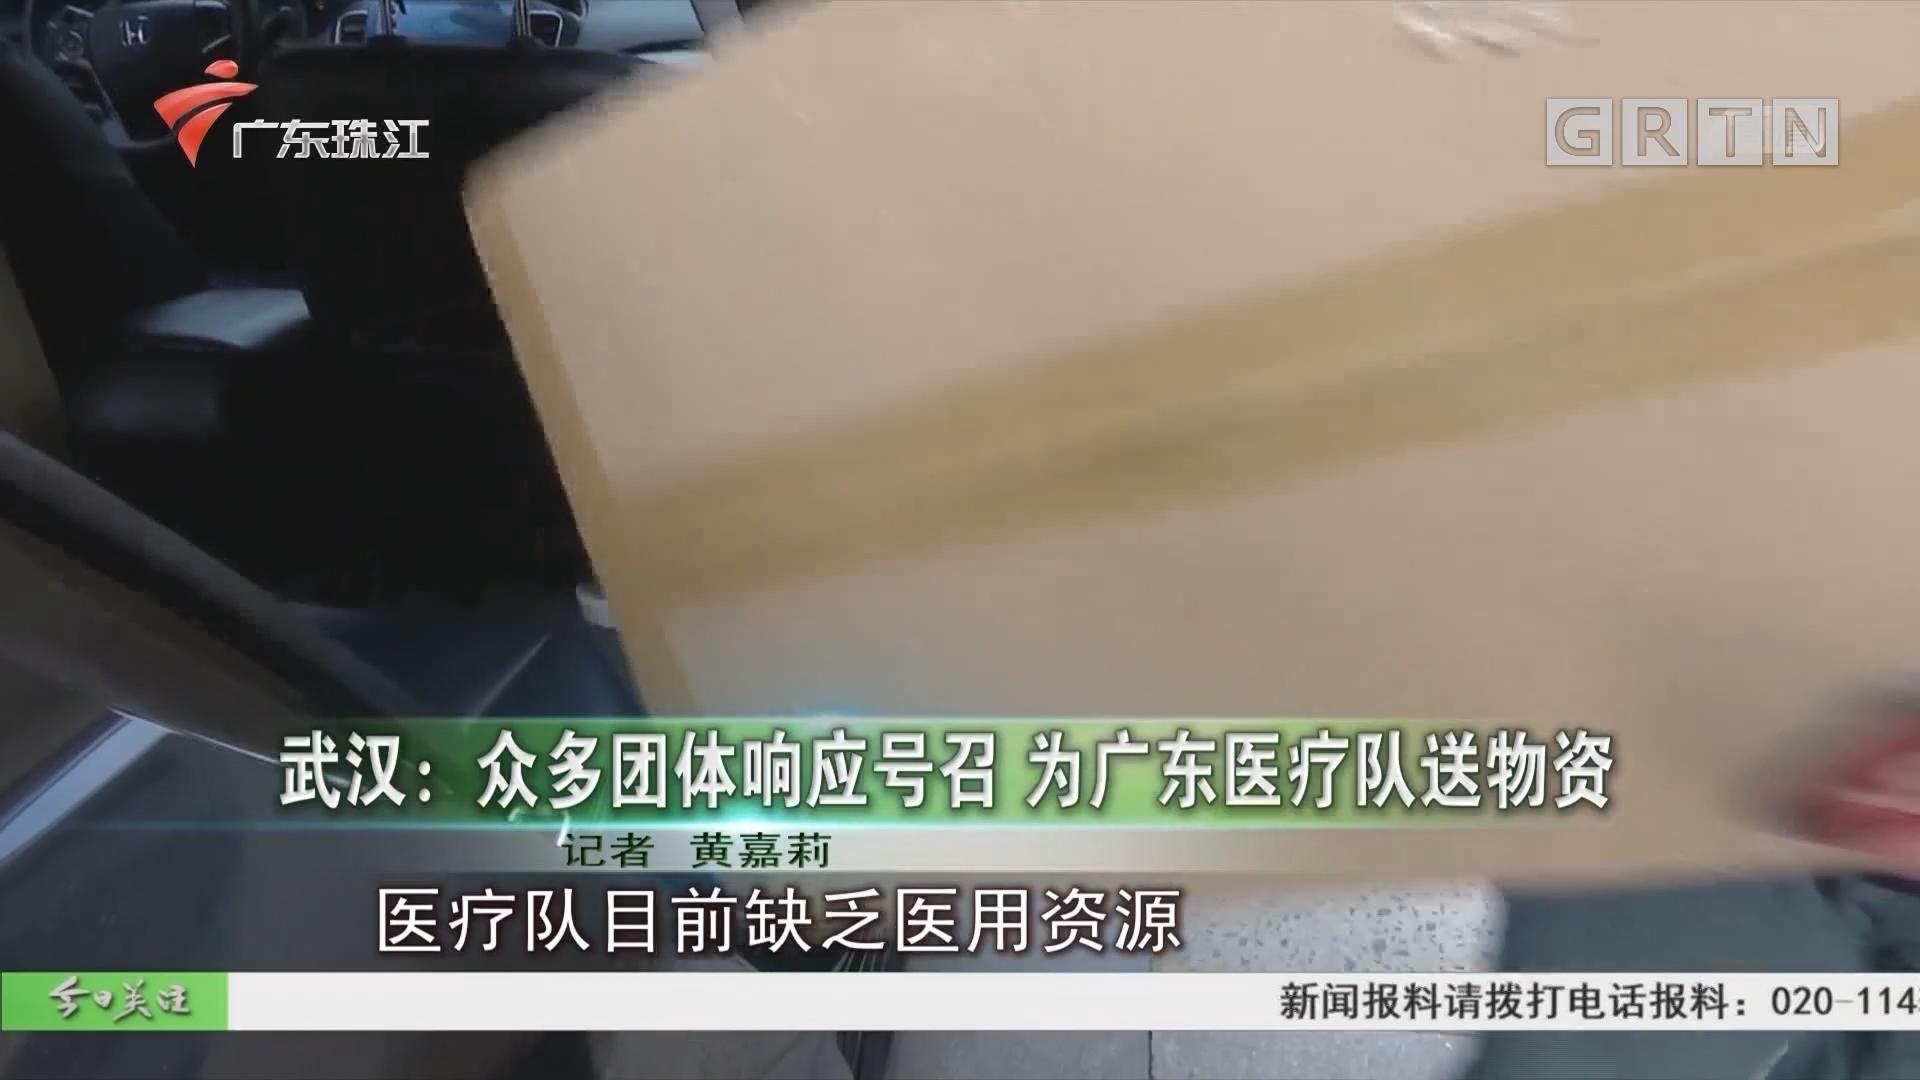 武汉:众多团体响应号召 为广东医疗队送物资